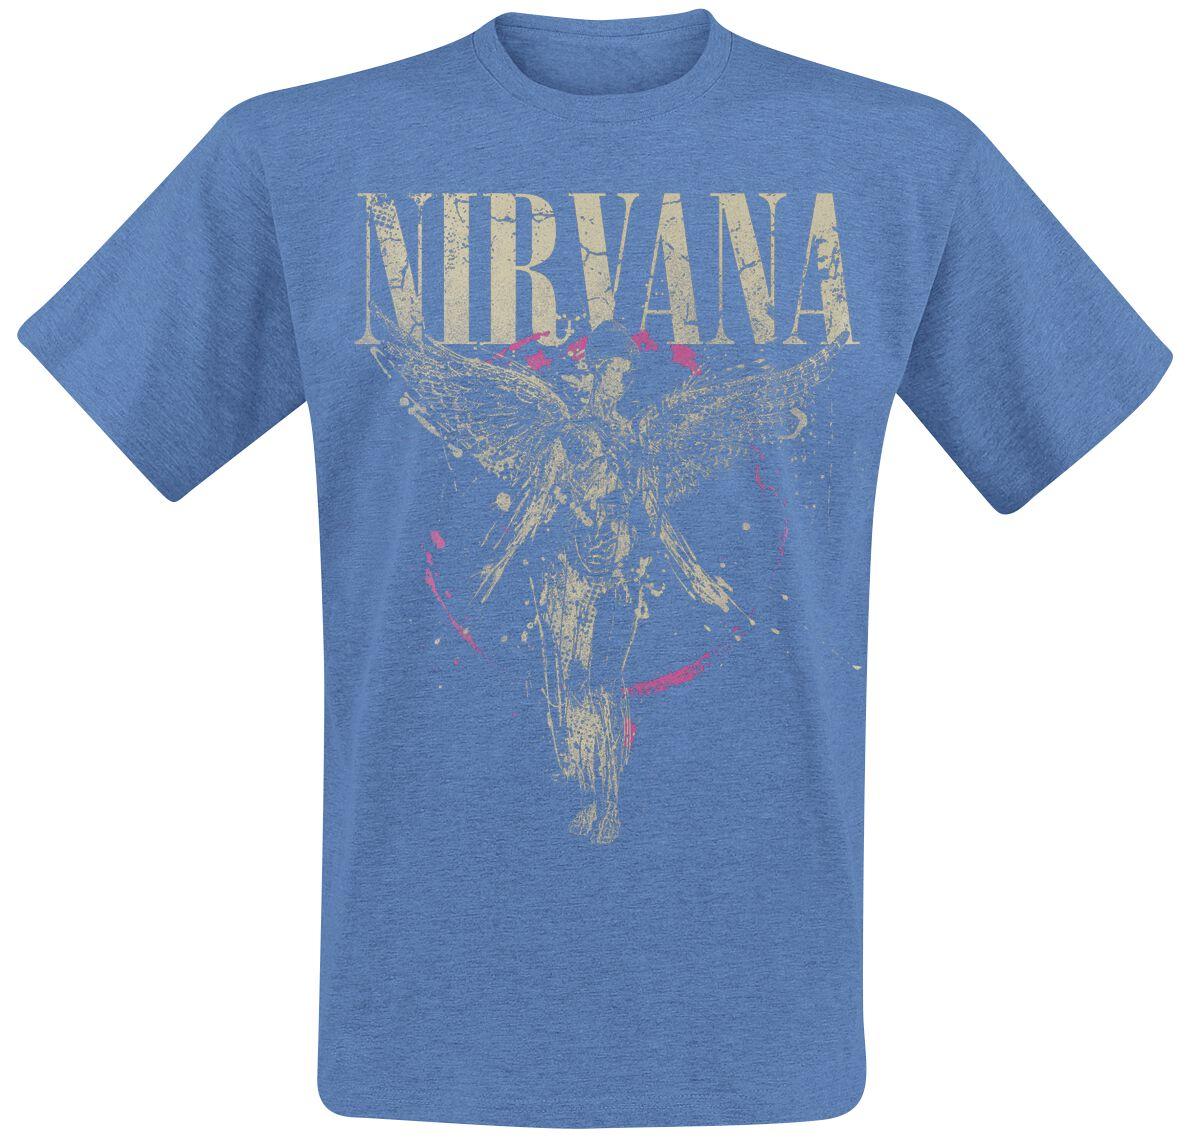 Zespoły - Koszulki - T-Shirt Nirvana In Utero T-Shirt odcienie niebieskiego - 345983